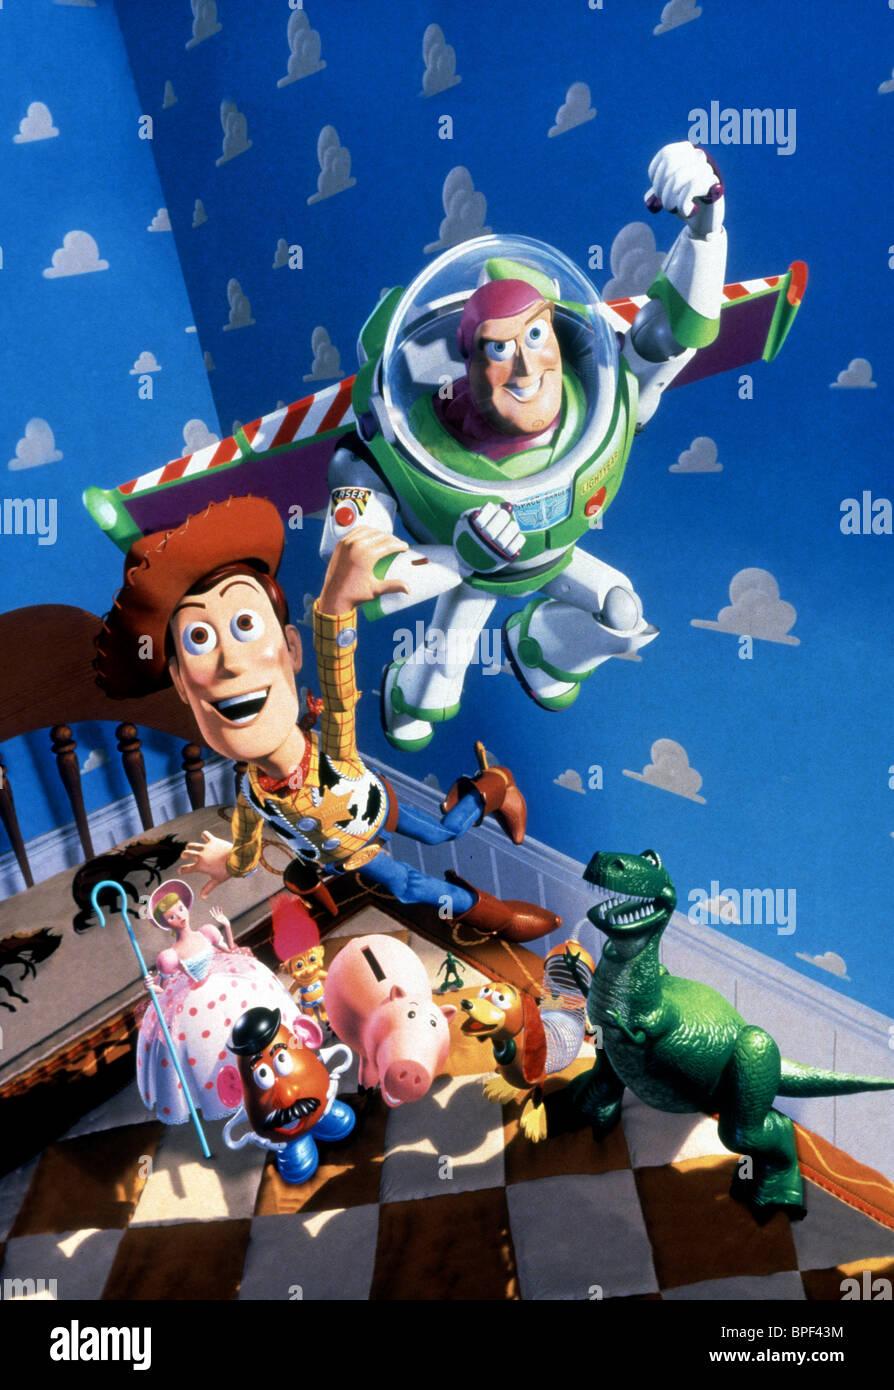 Bo Peep Mr Potato Head Hamm Slinky Rex Woody Buzz Lightyear Toy